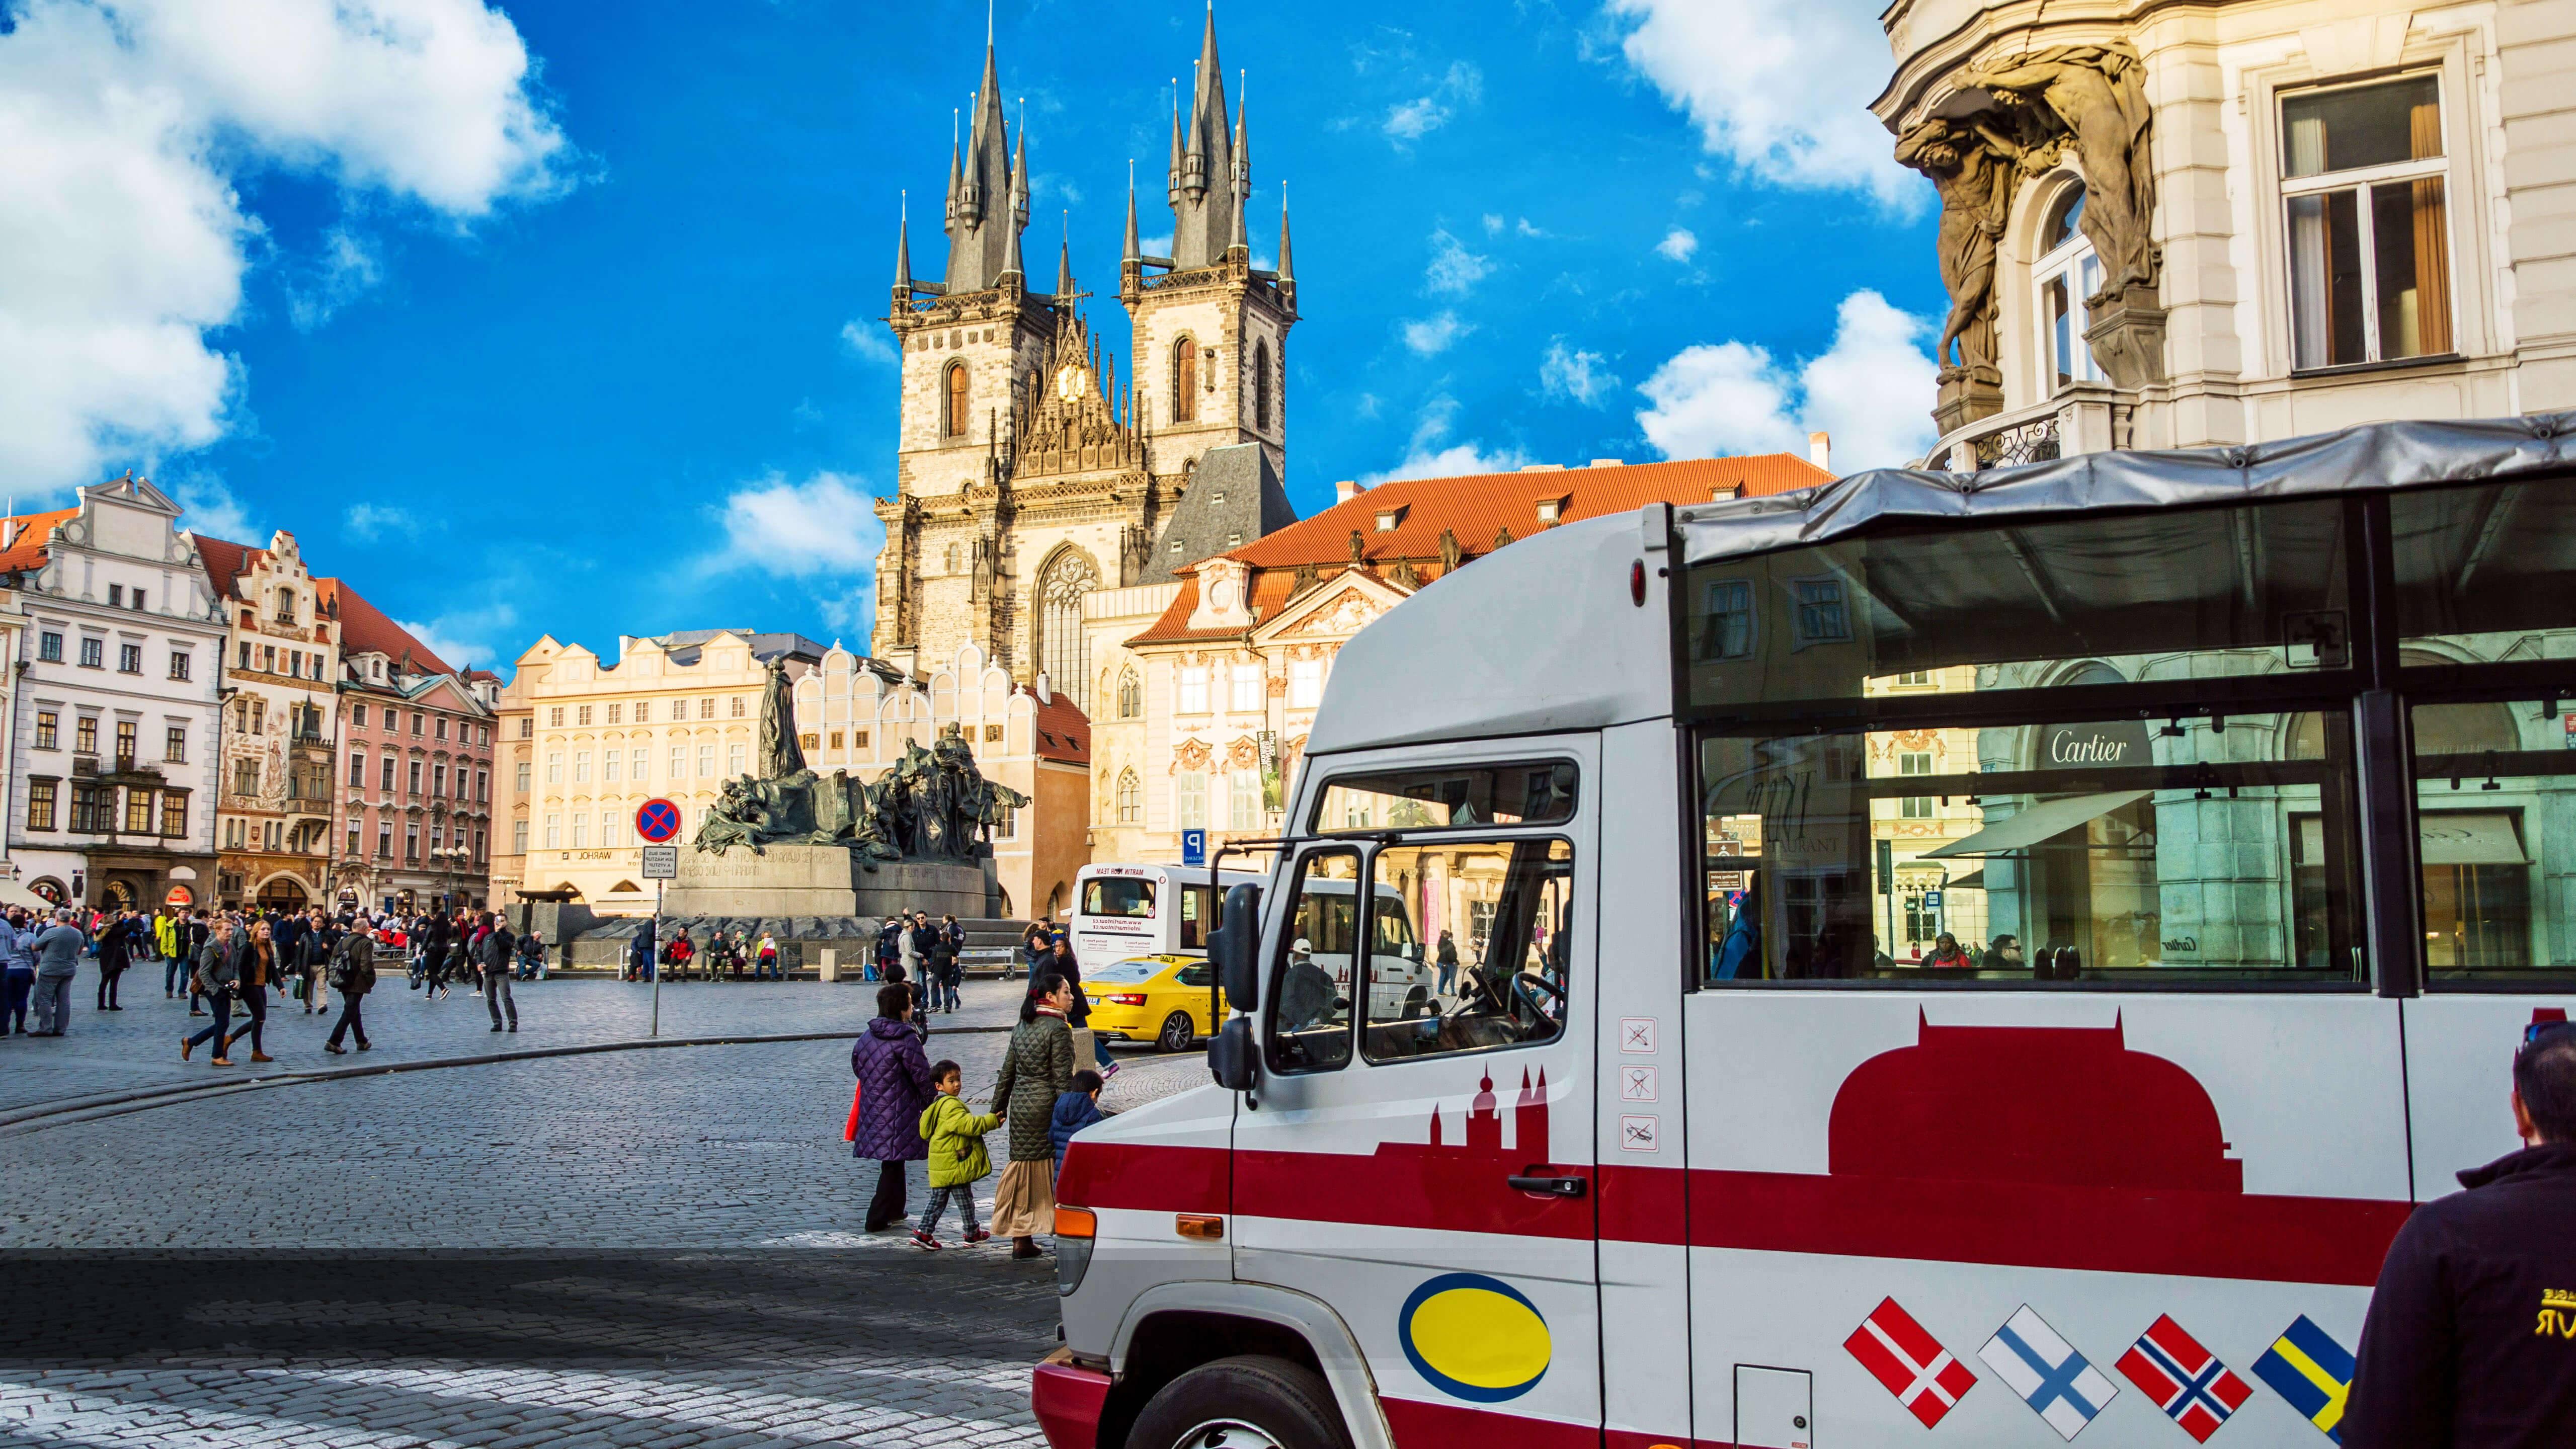 Самостоятельная поездка по европе: подготовка, города, передвижение и советы